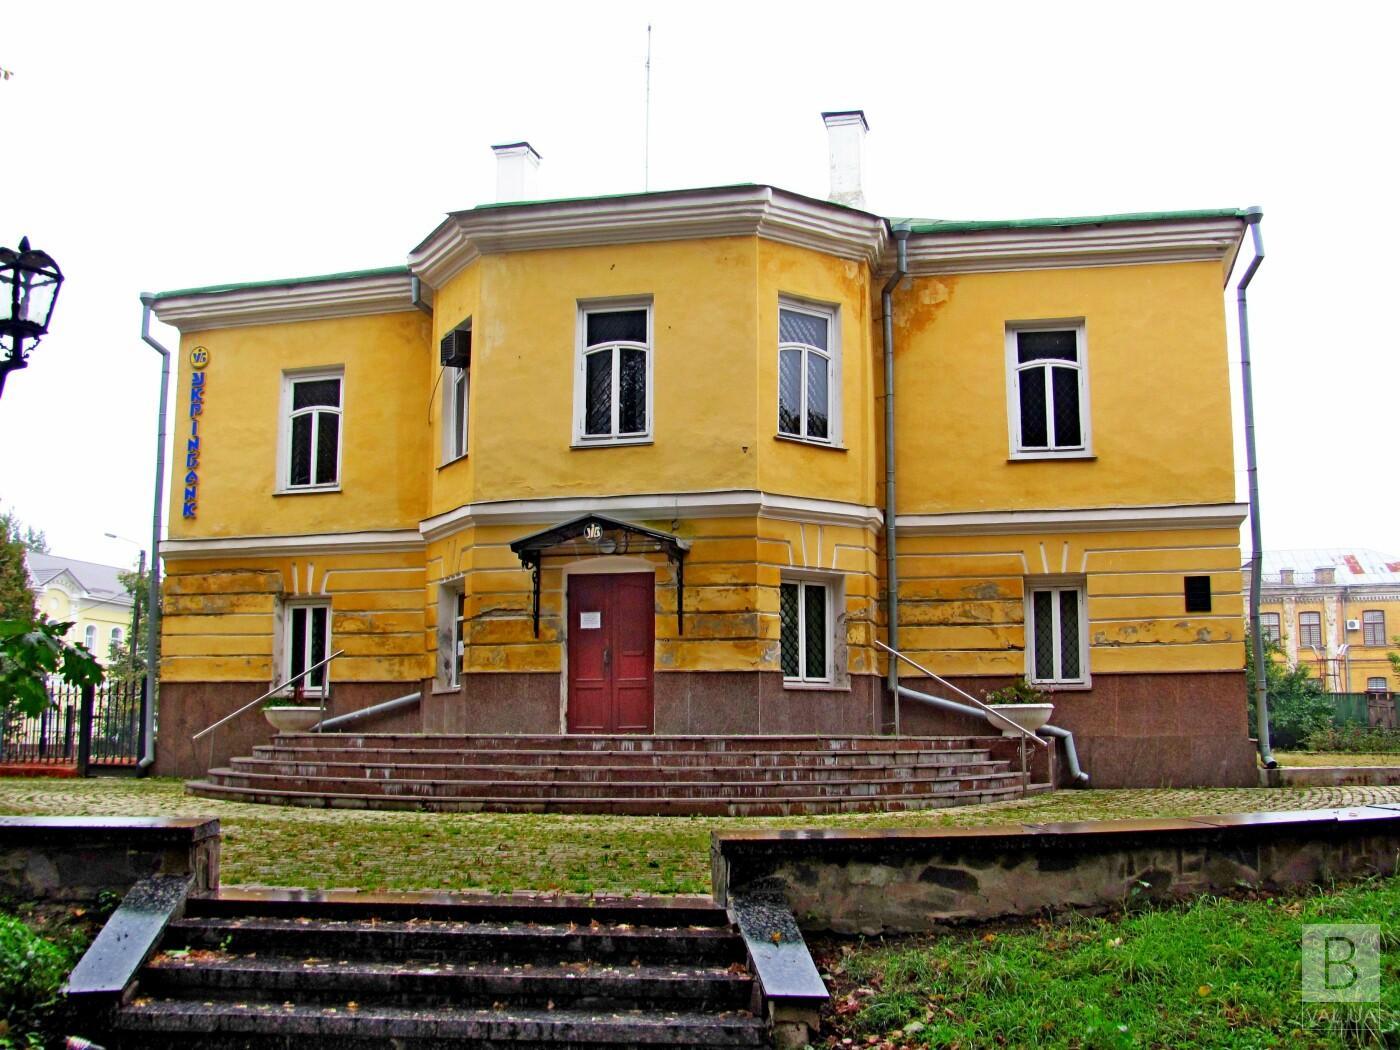 «УТБ-інжиніринг» перемогла на тендері на реставрацію будівлі на Валу, де хочуть розмістити музей